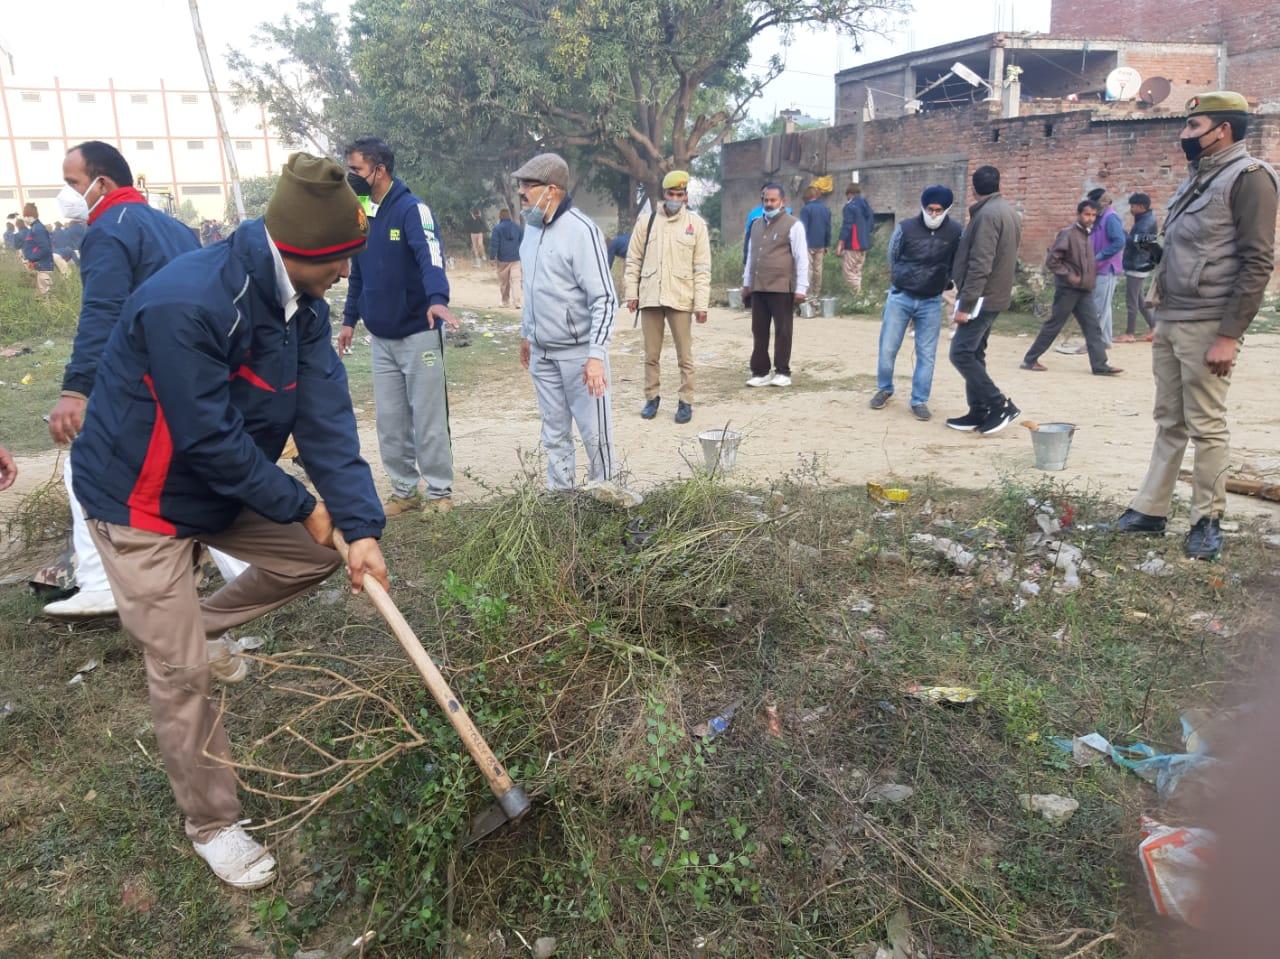 प्रत्येक रविवार को पुलिस अधीक्षक बाराबंकी के नेतृत्व में चलाए जा रहे स्वच्छता अभियान में समस्त अधिकारियों ने बढ़-चढ़कर किया श्रमदान